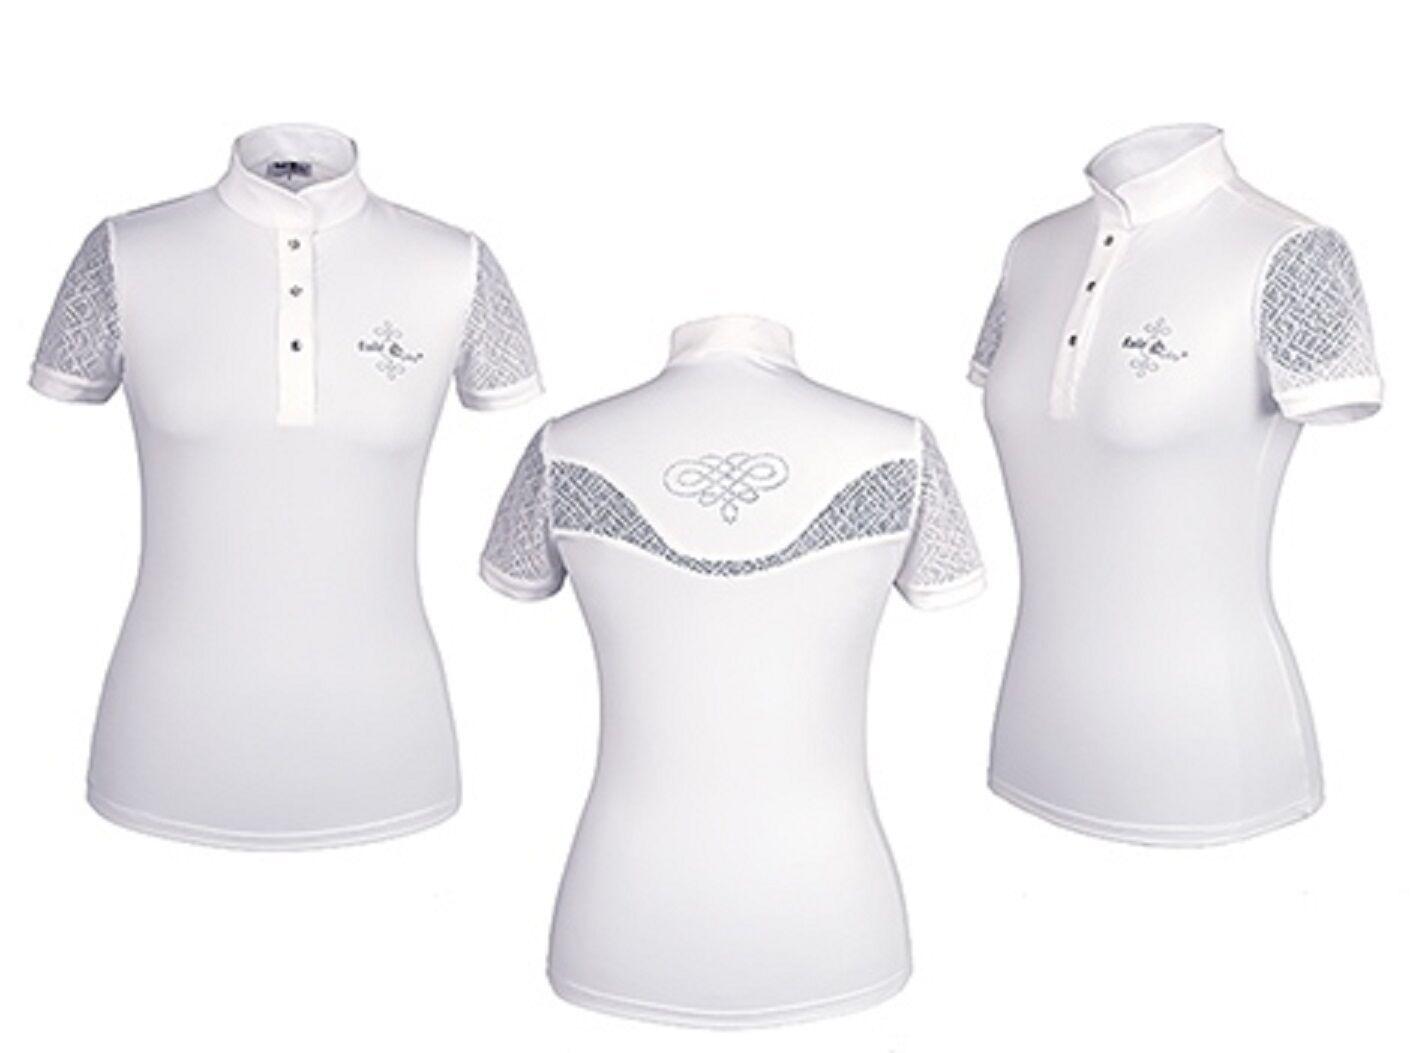 Fair Jugar torneo camisa torneo azulsa camisa show, cecile Weiss,  dif. tamaños nuevo  precios mas baratos